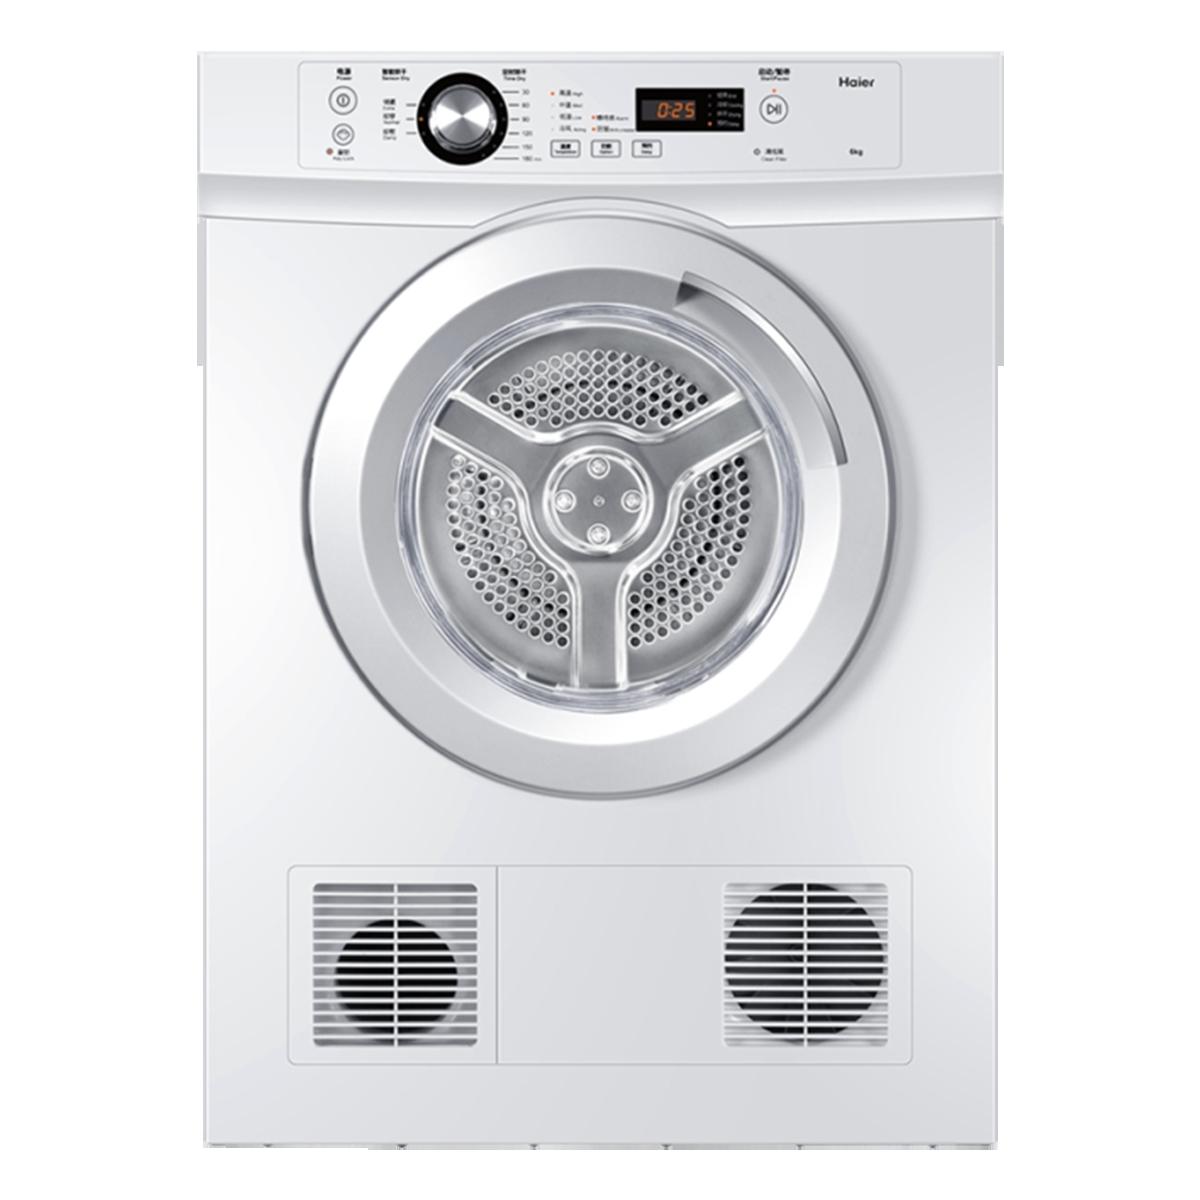 海尔Haier洗衣机 EGDZE6F 说明书